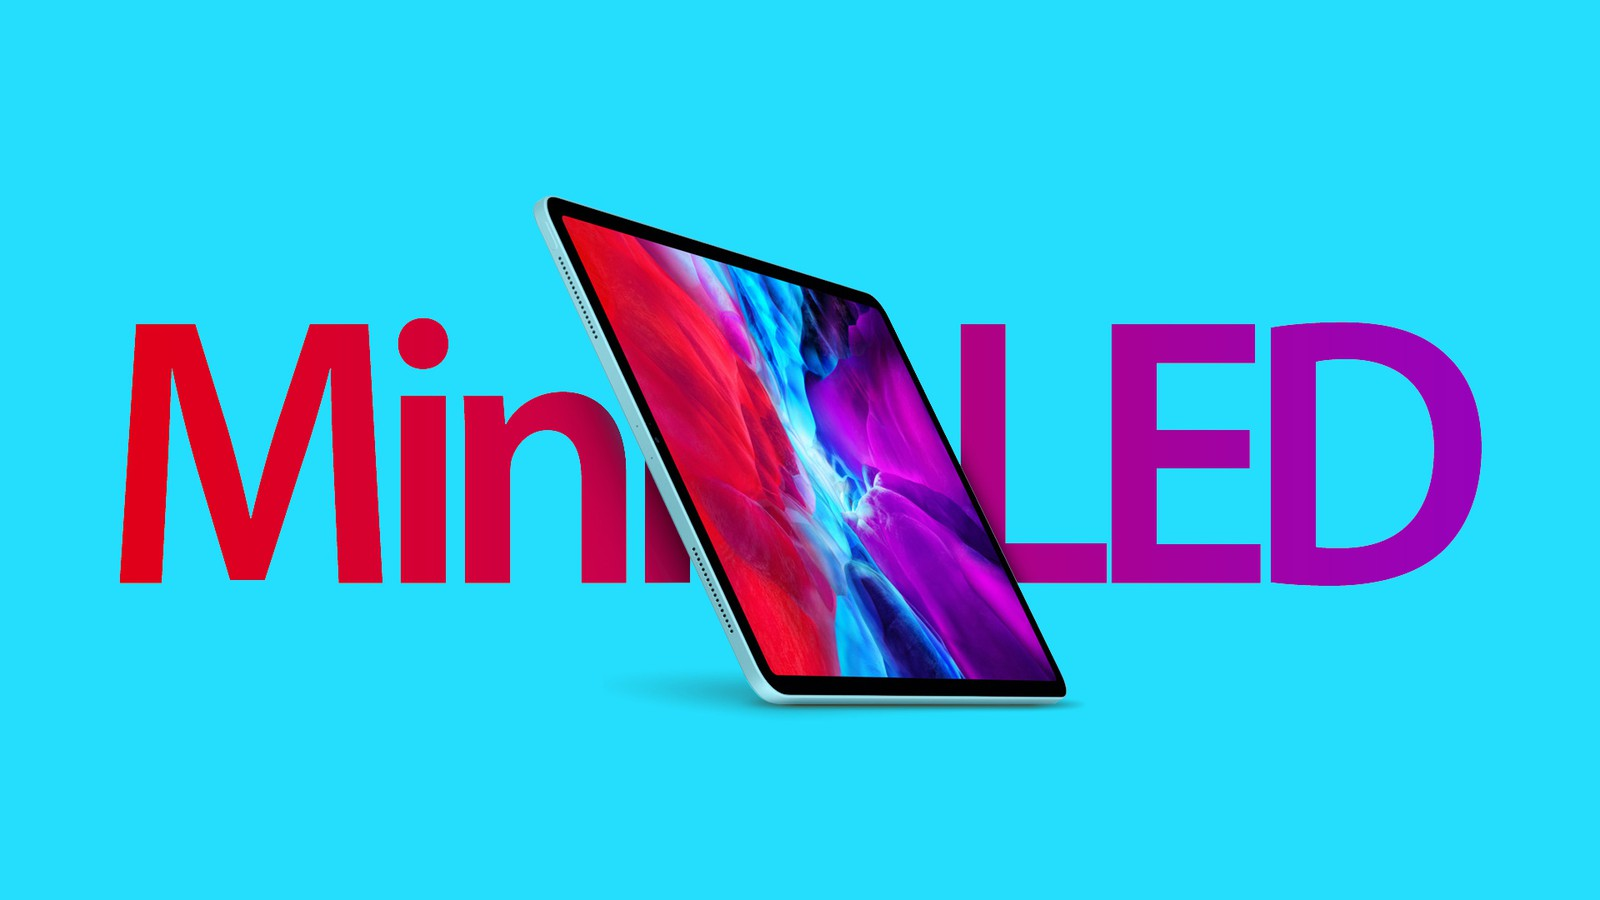 iPad Pro miniled